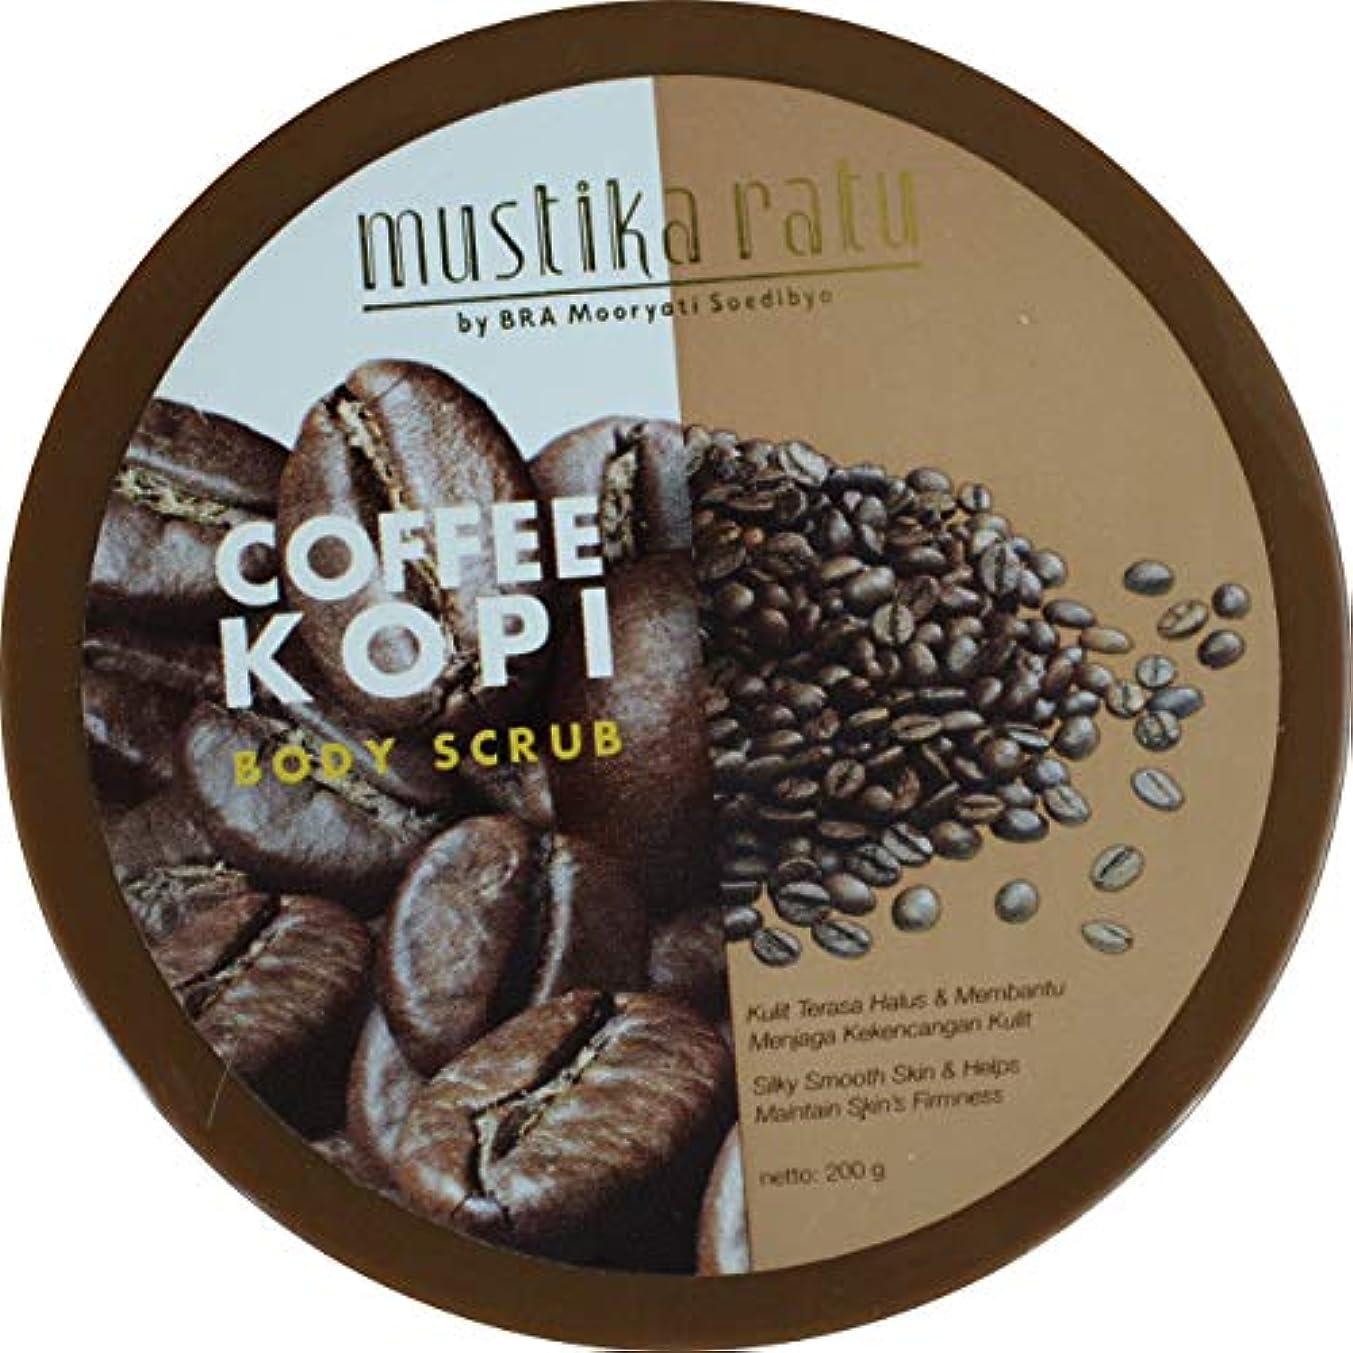 純正セクション達成Mustika Ratu インドネシア200グラム単位でのコーヒーボディスクラップ